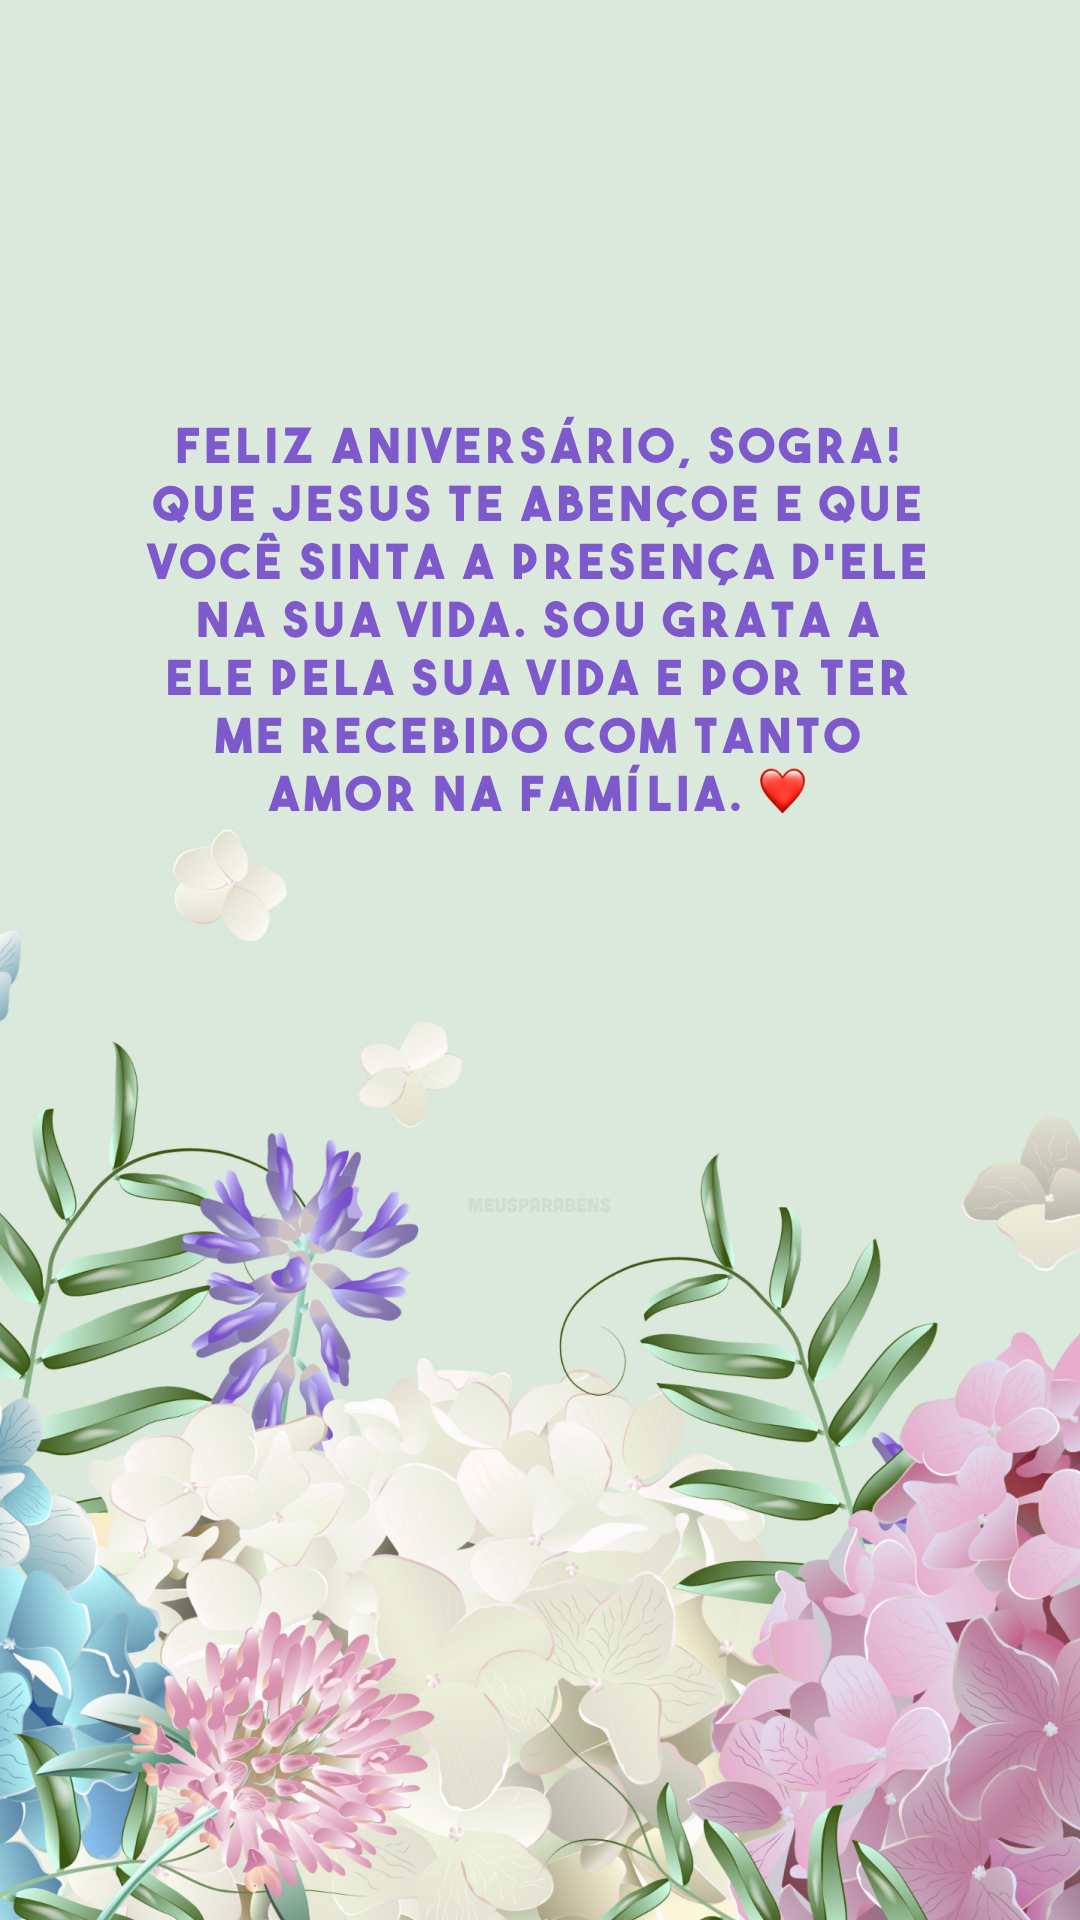 Feliz aniversário, sogra! Que Jesus te abençoe e que você sinta a presença d'Ele na sua vida. Sou grata a Ele pela sua vida e por ter me recebido com tanto amor na família. ❤️